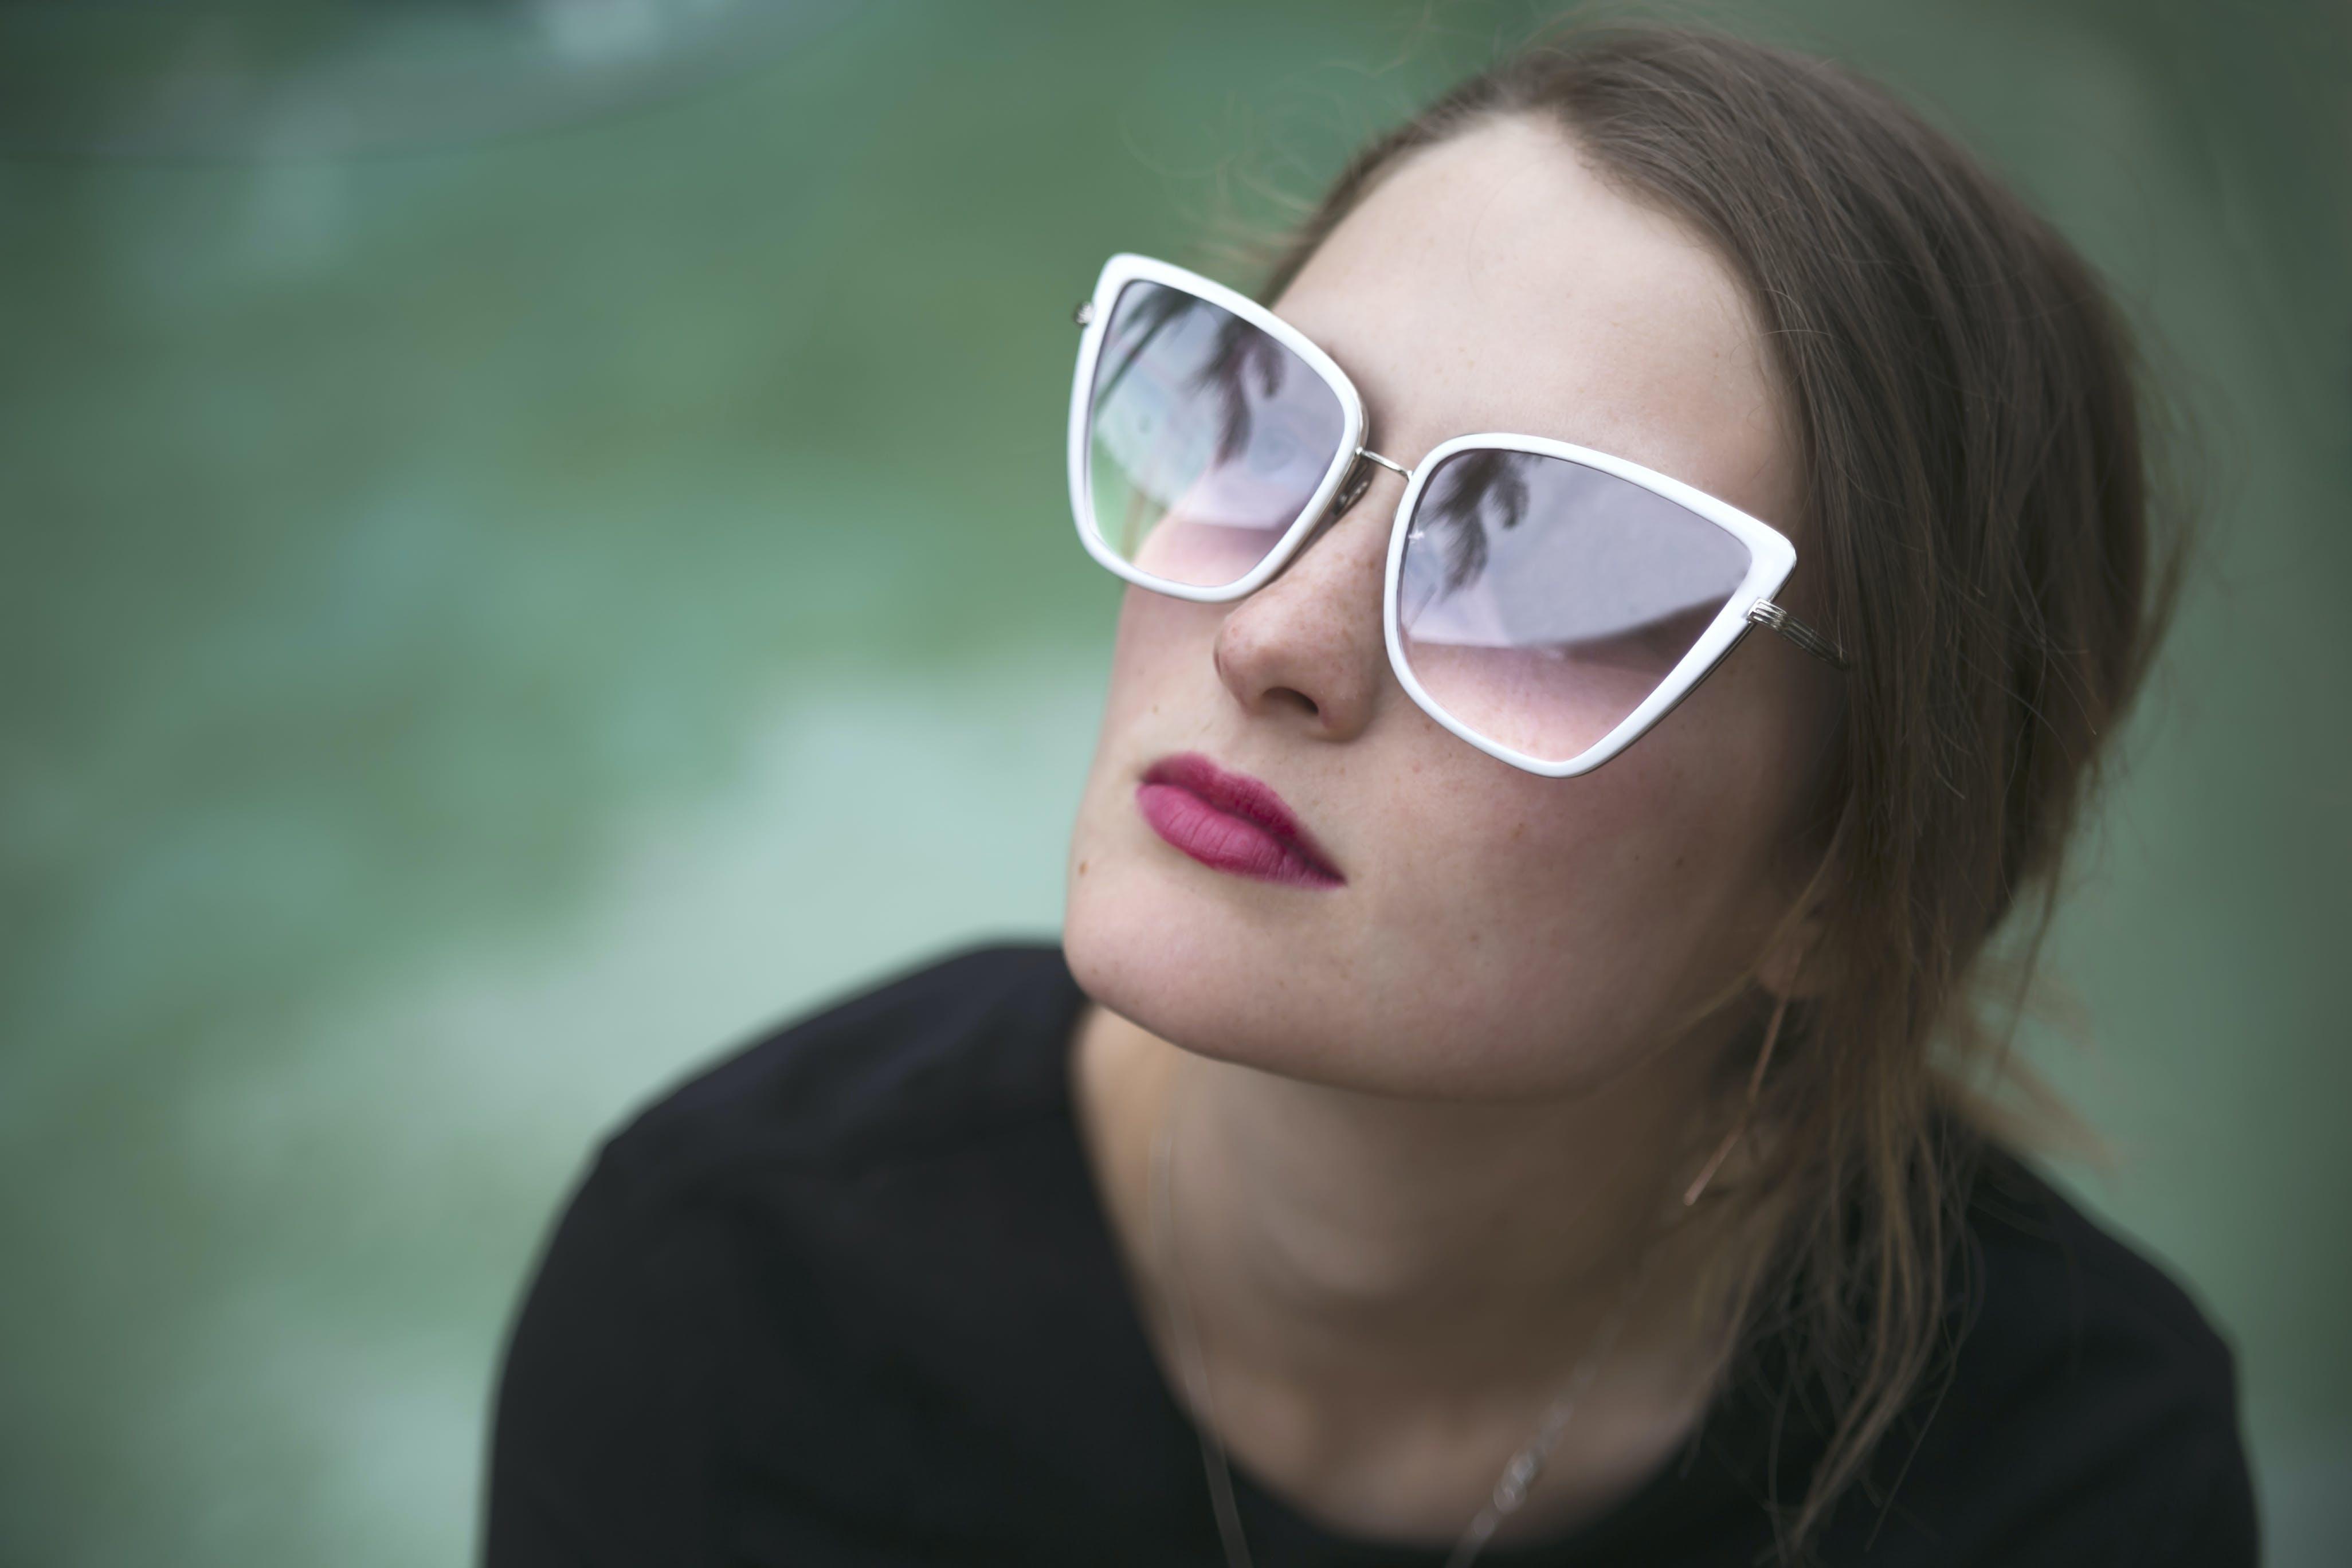 アイウェア, サングラス, ファッション, モデルの無料の写真素材